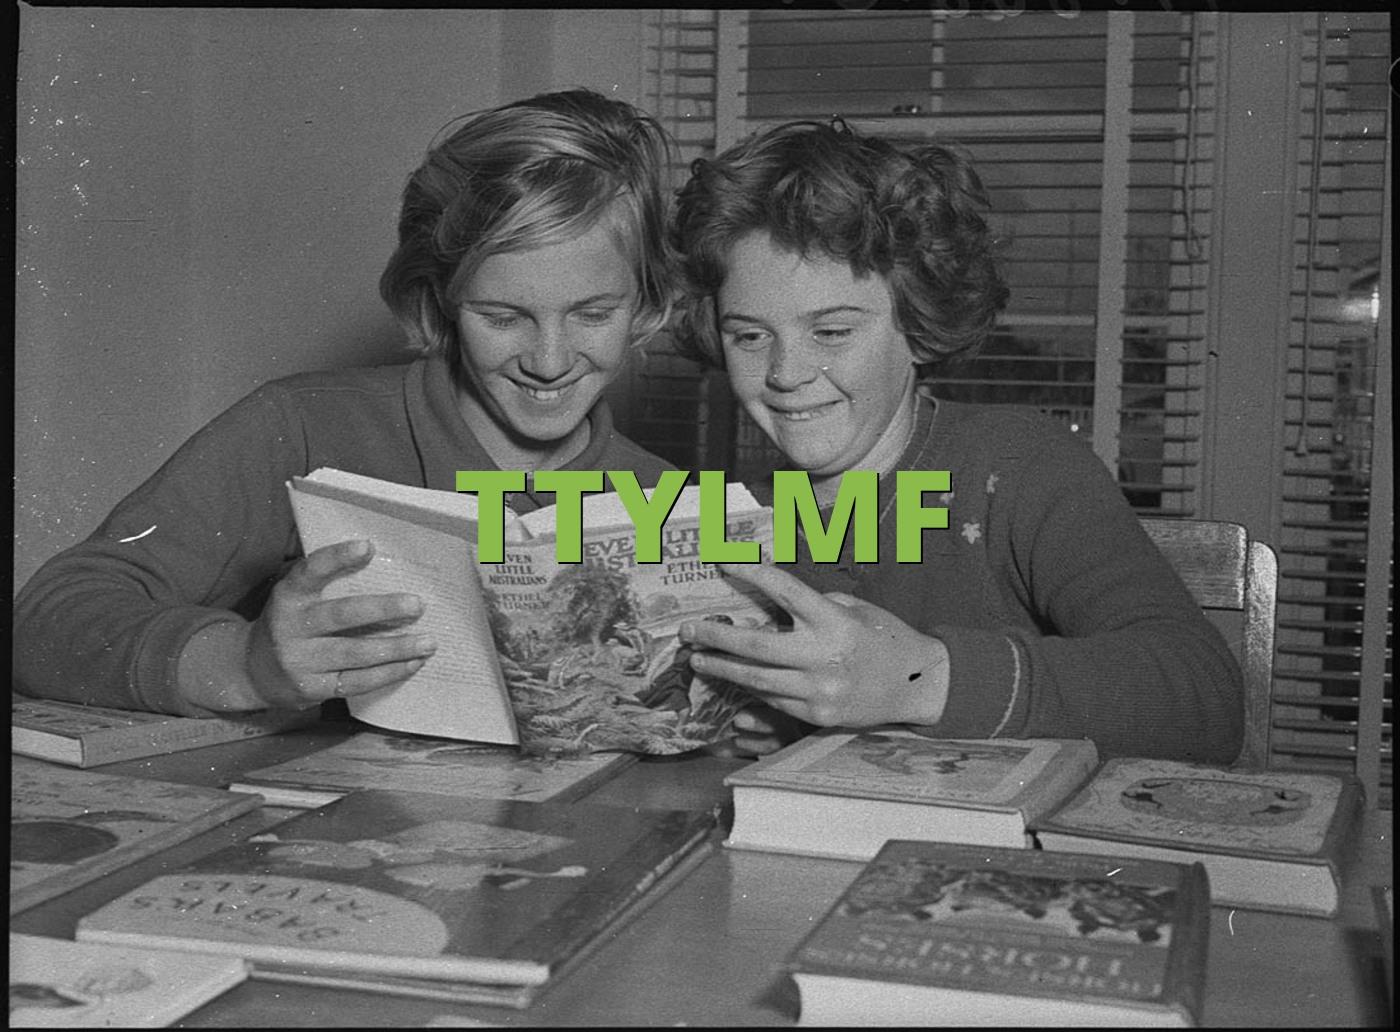 TTYLMF